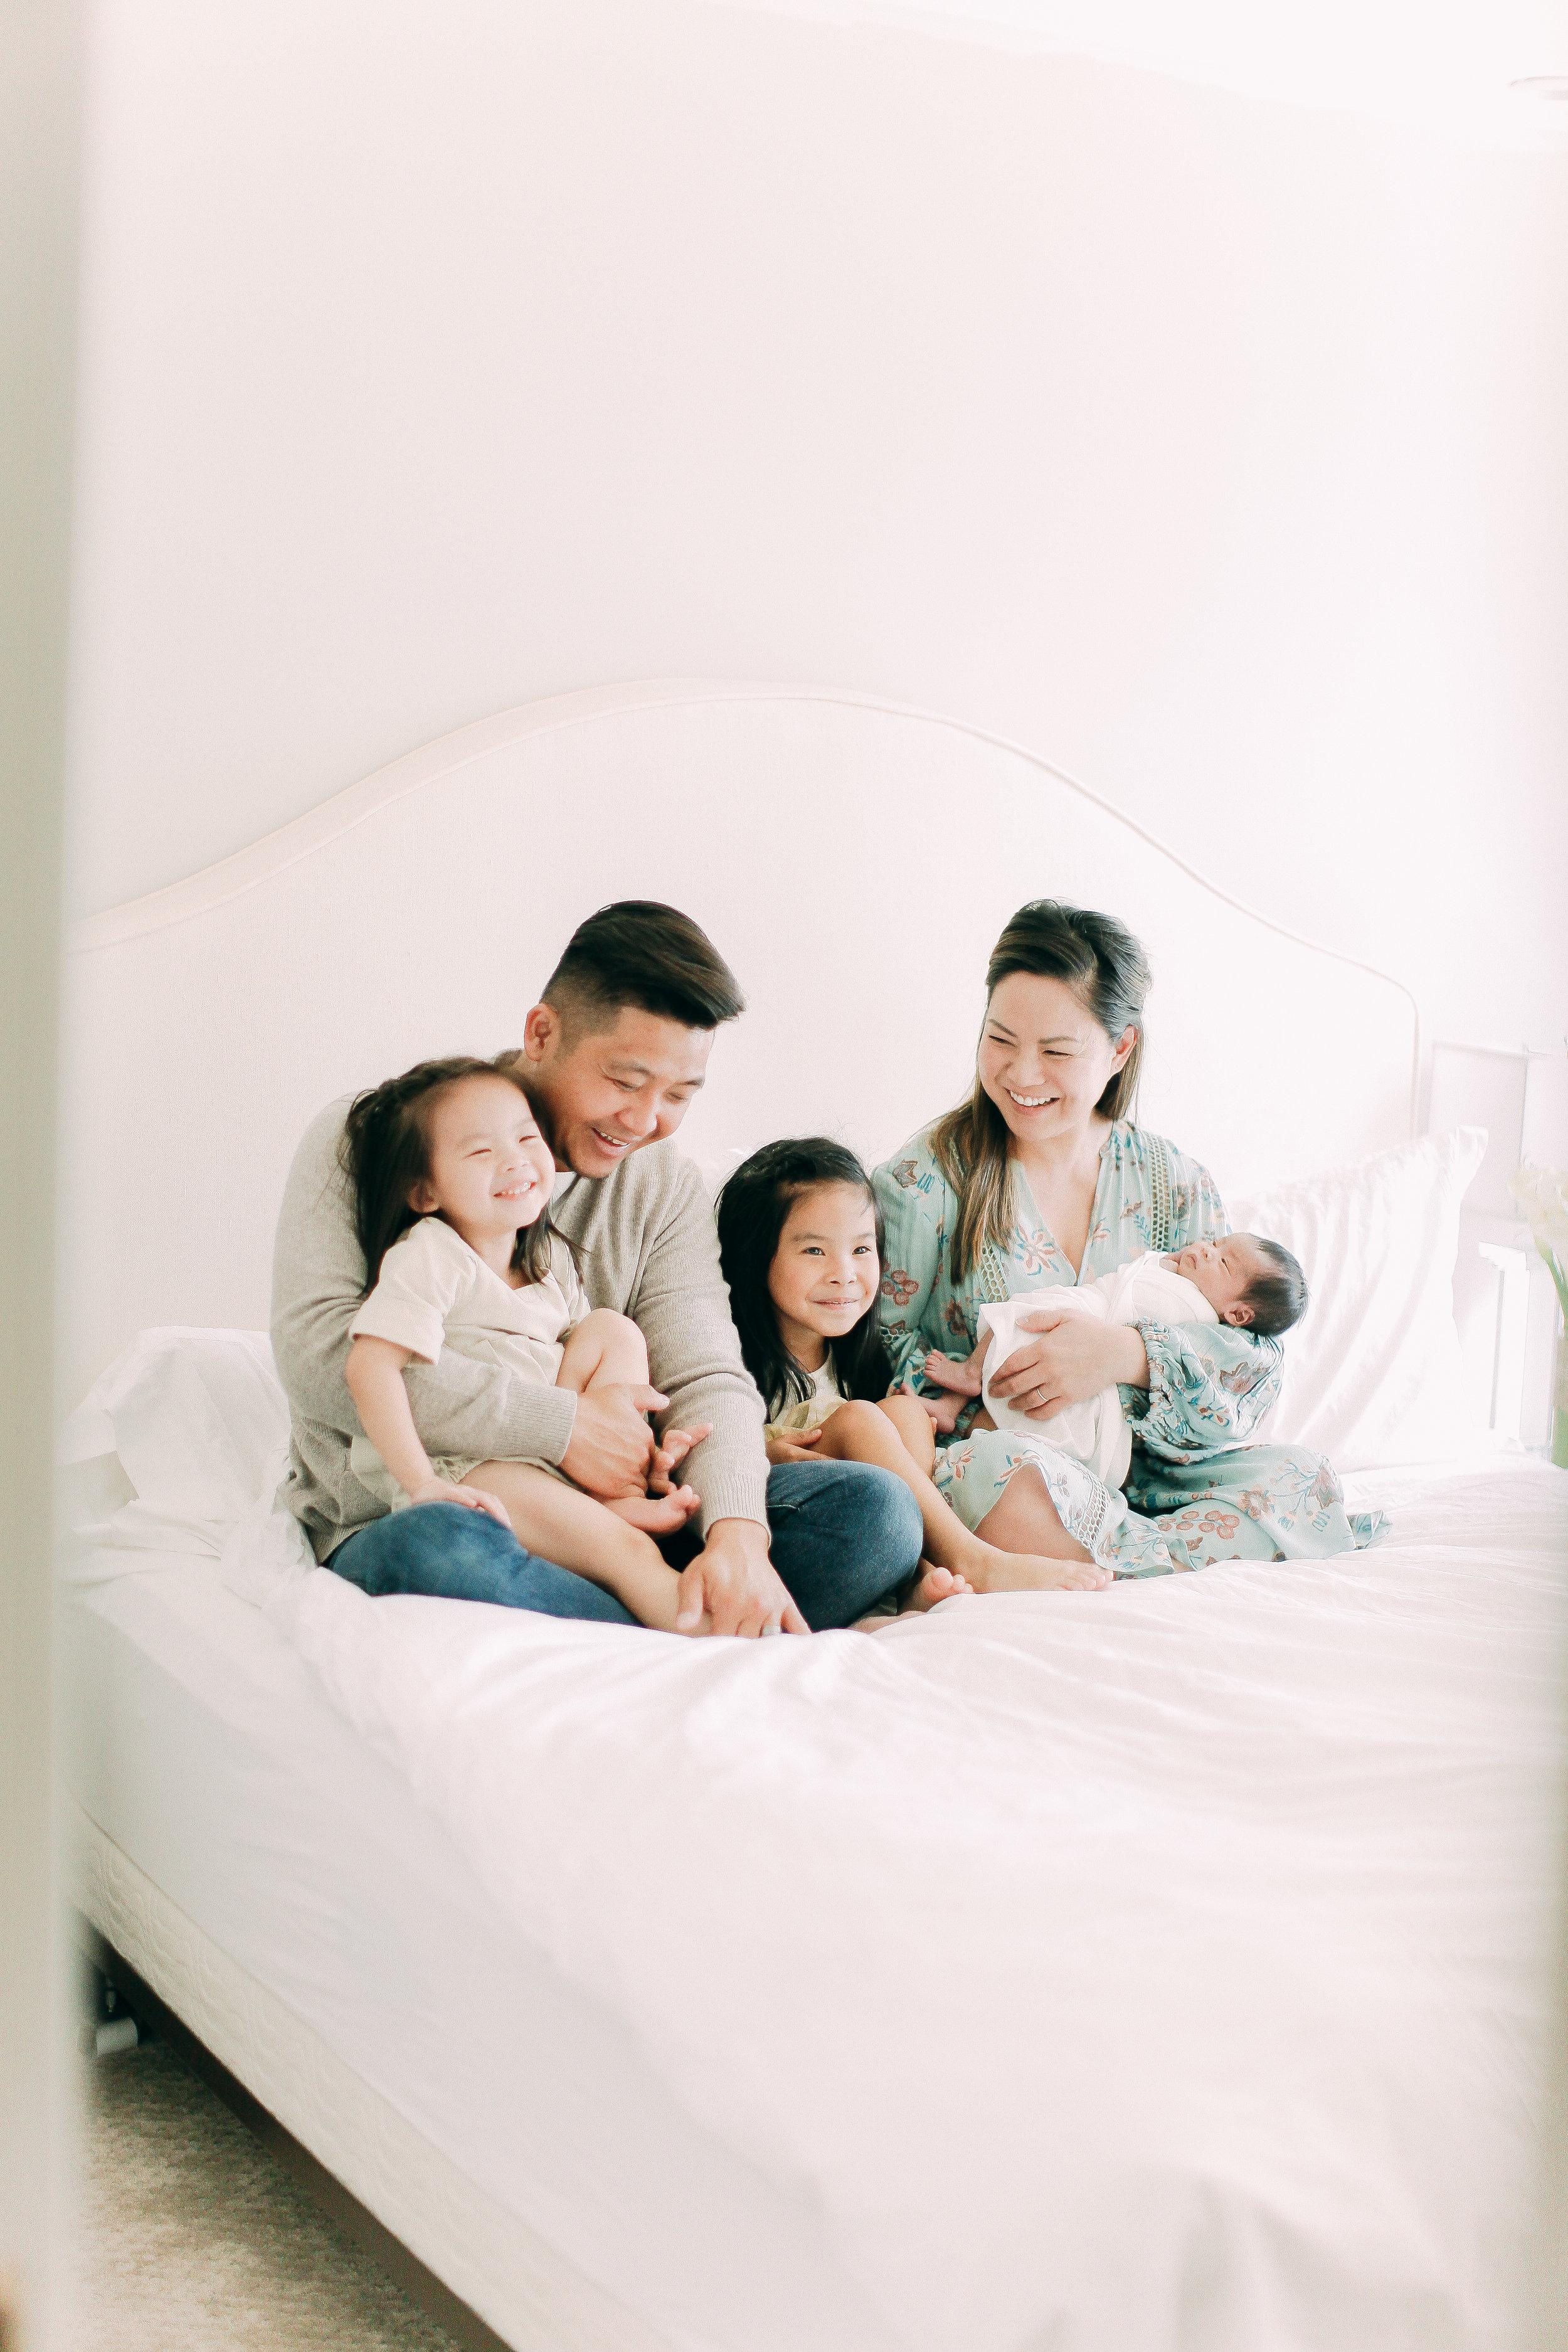 Cori Kleckner Photography- Uyen Family Session 1-144.JPG